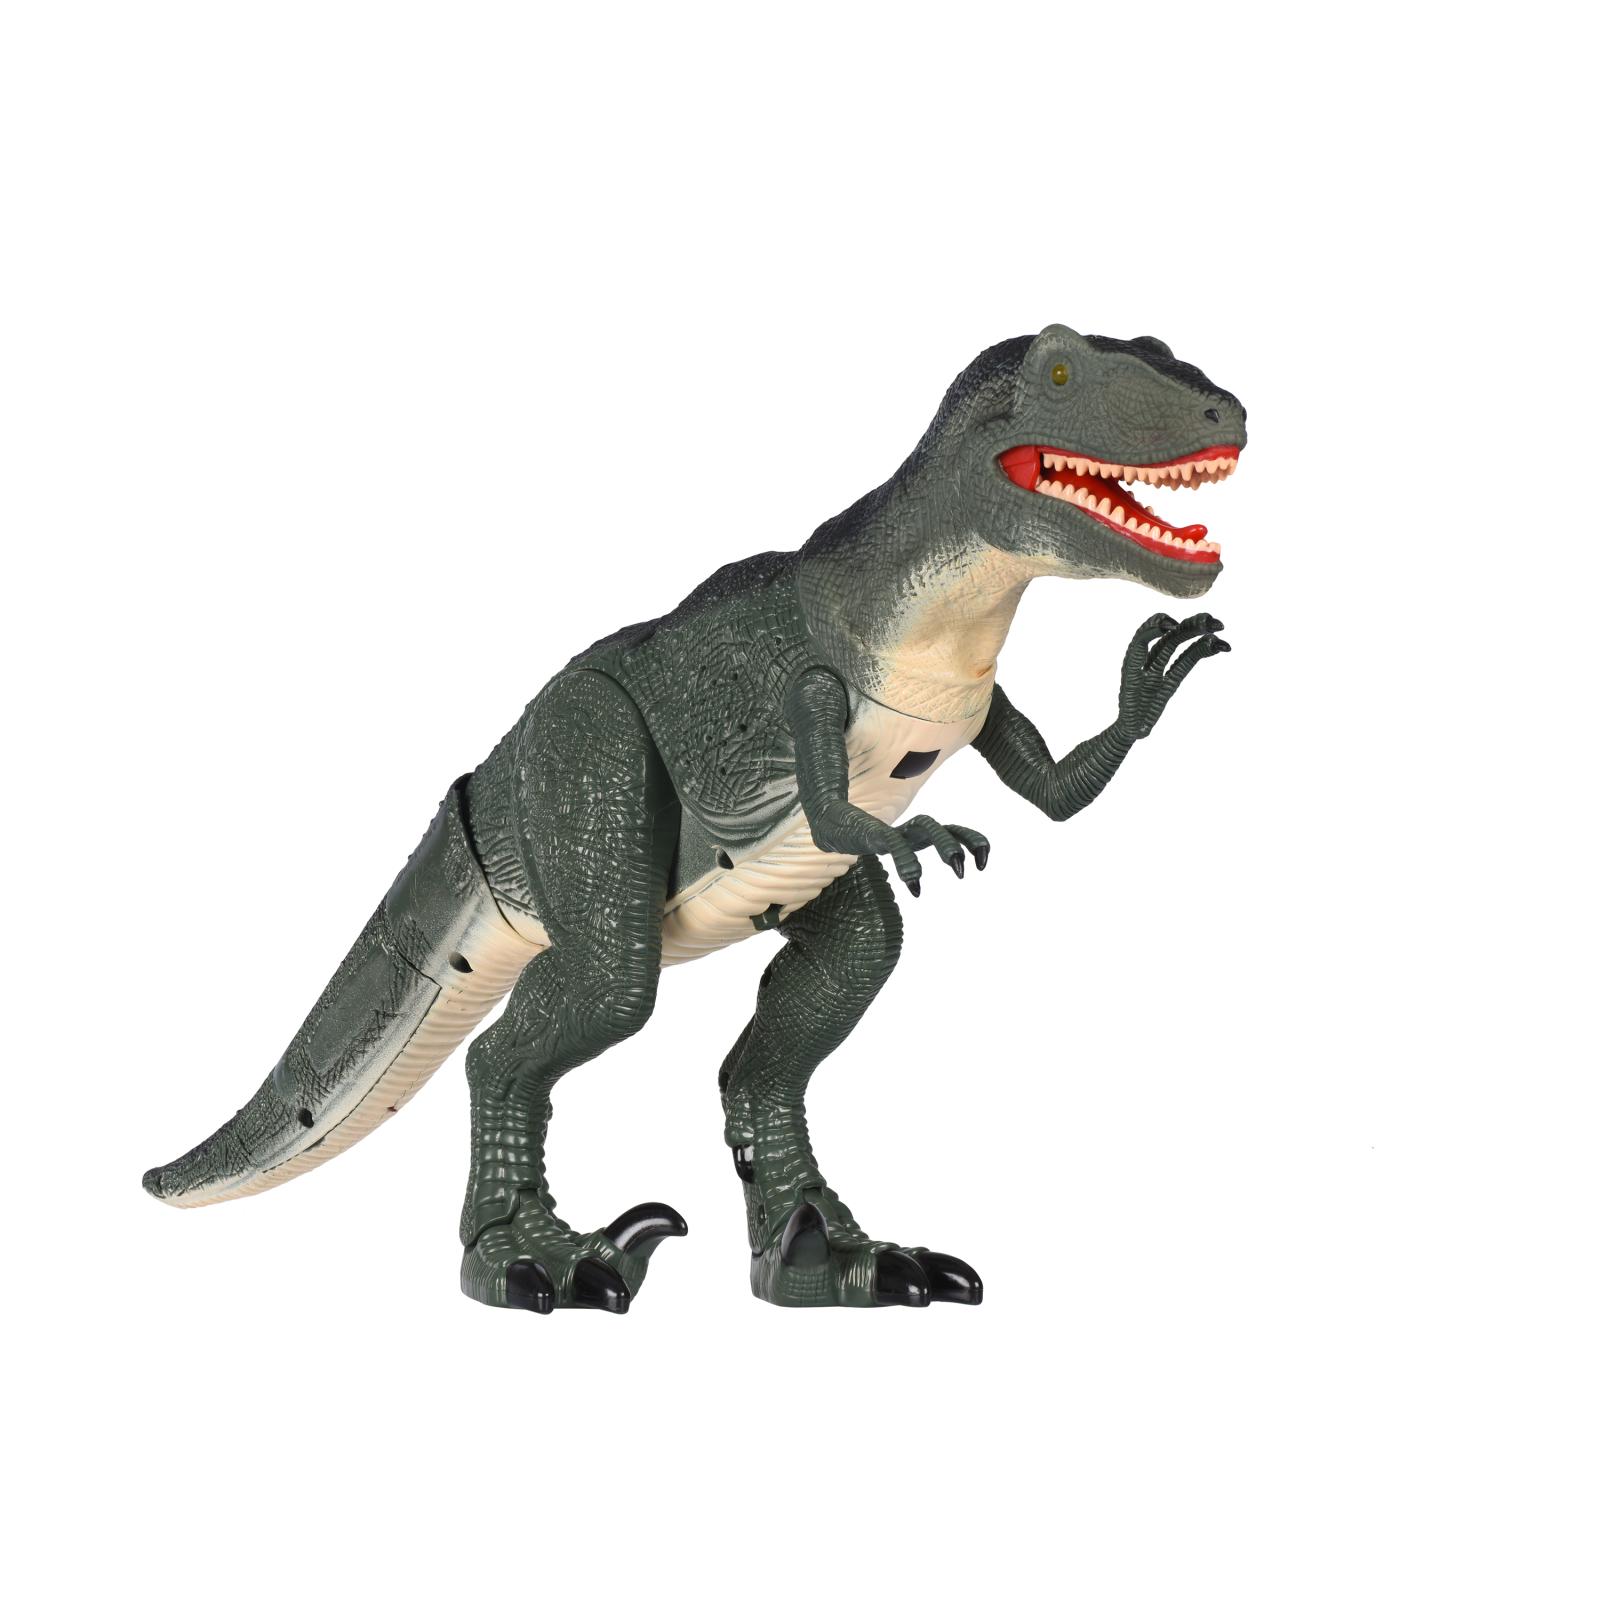 Интерактивная игрушка Same Toy Динозавр Dinosaur World зеленый со светом звуком (RS6124Ut) изображение 4